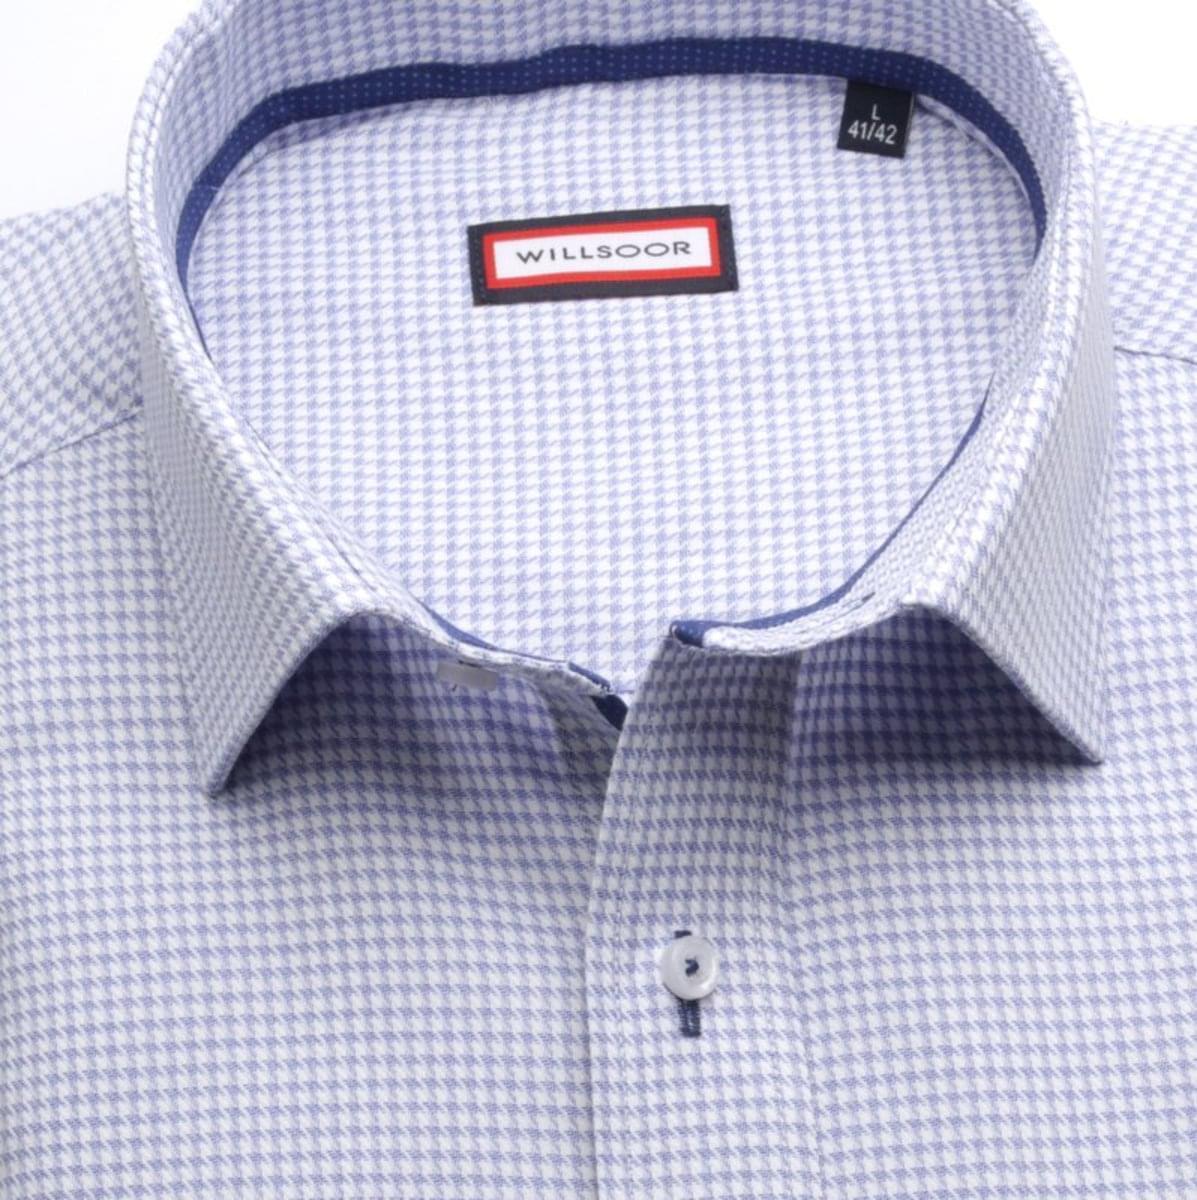 Pánska klasická košeľa (výška 188-194) 7420 vo svetlo modré farbe 188-194 / XL (43/44)